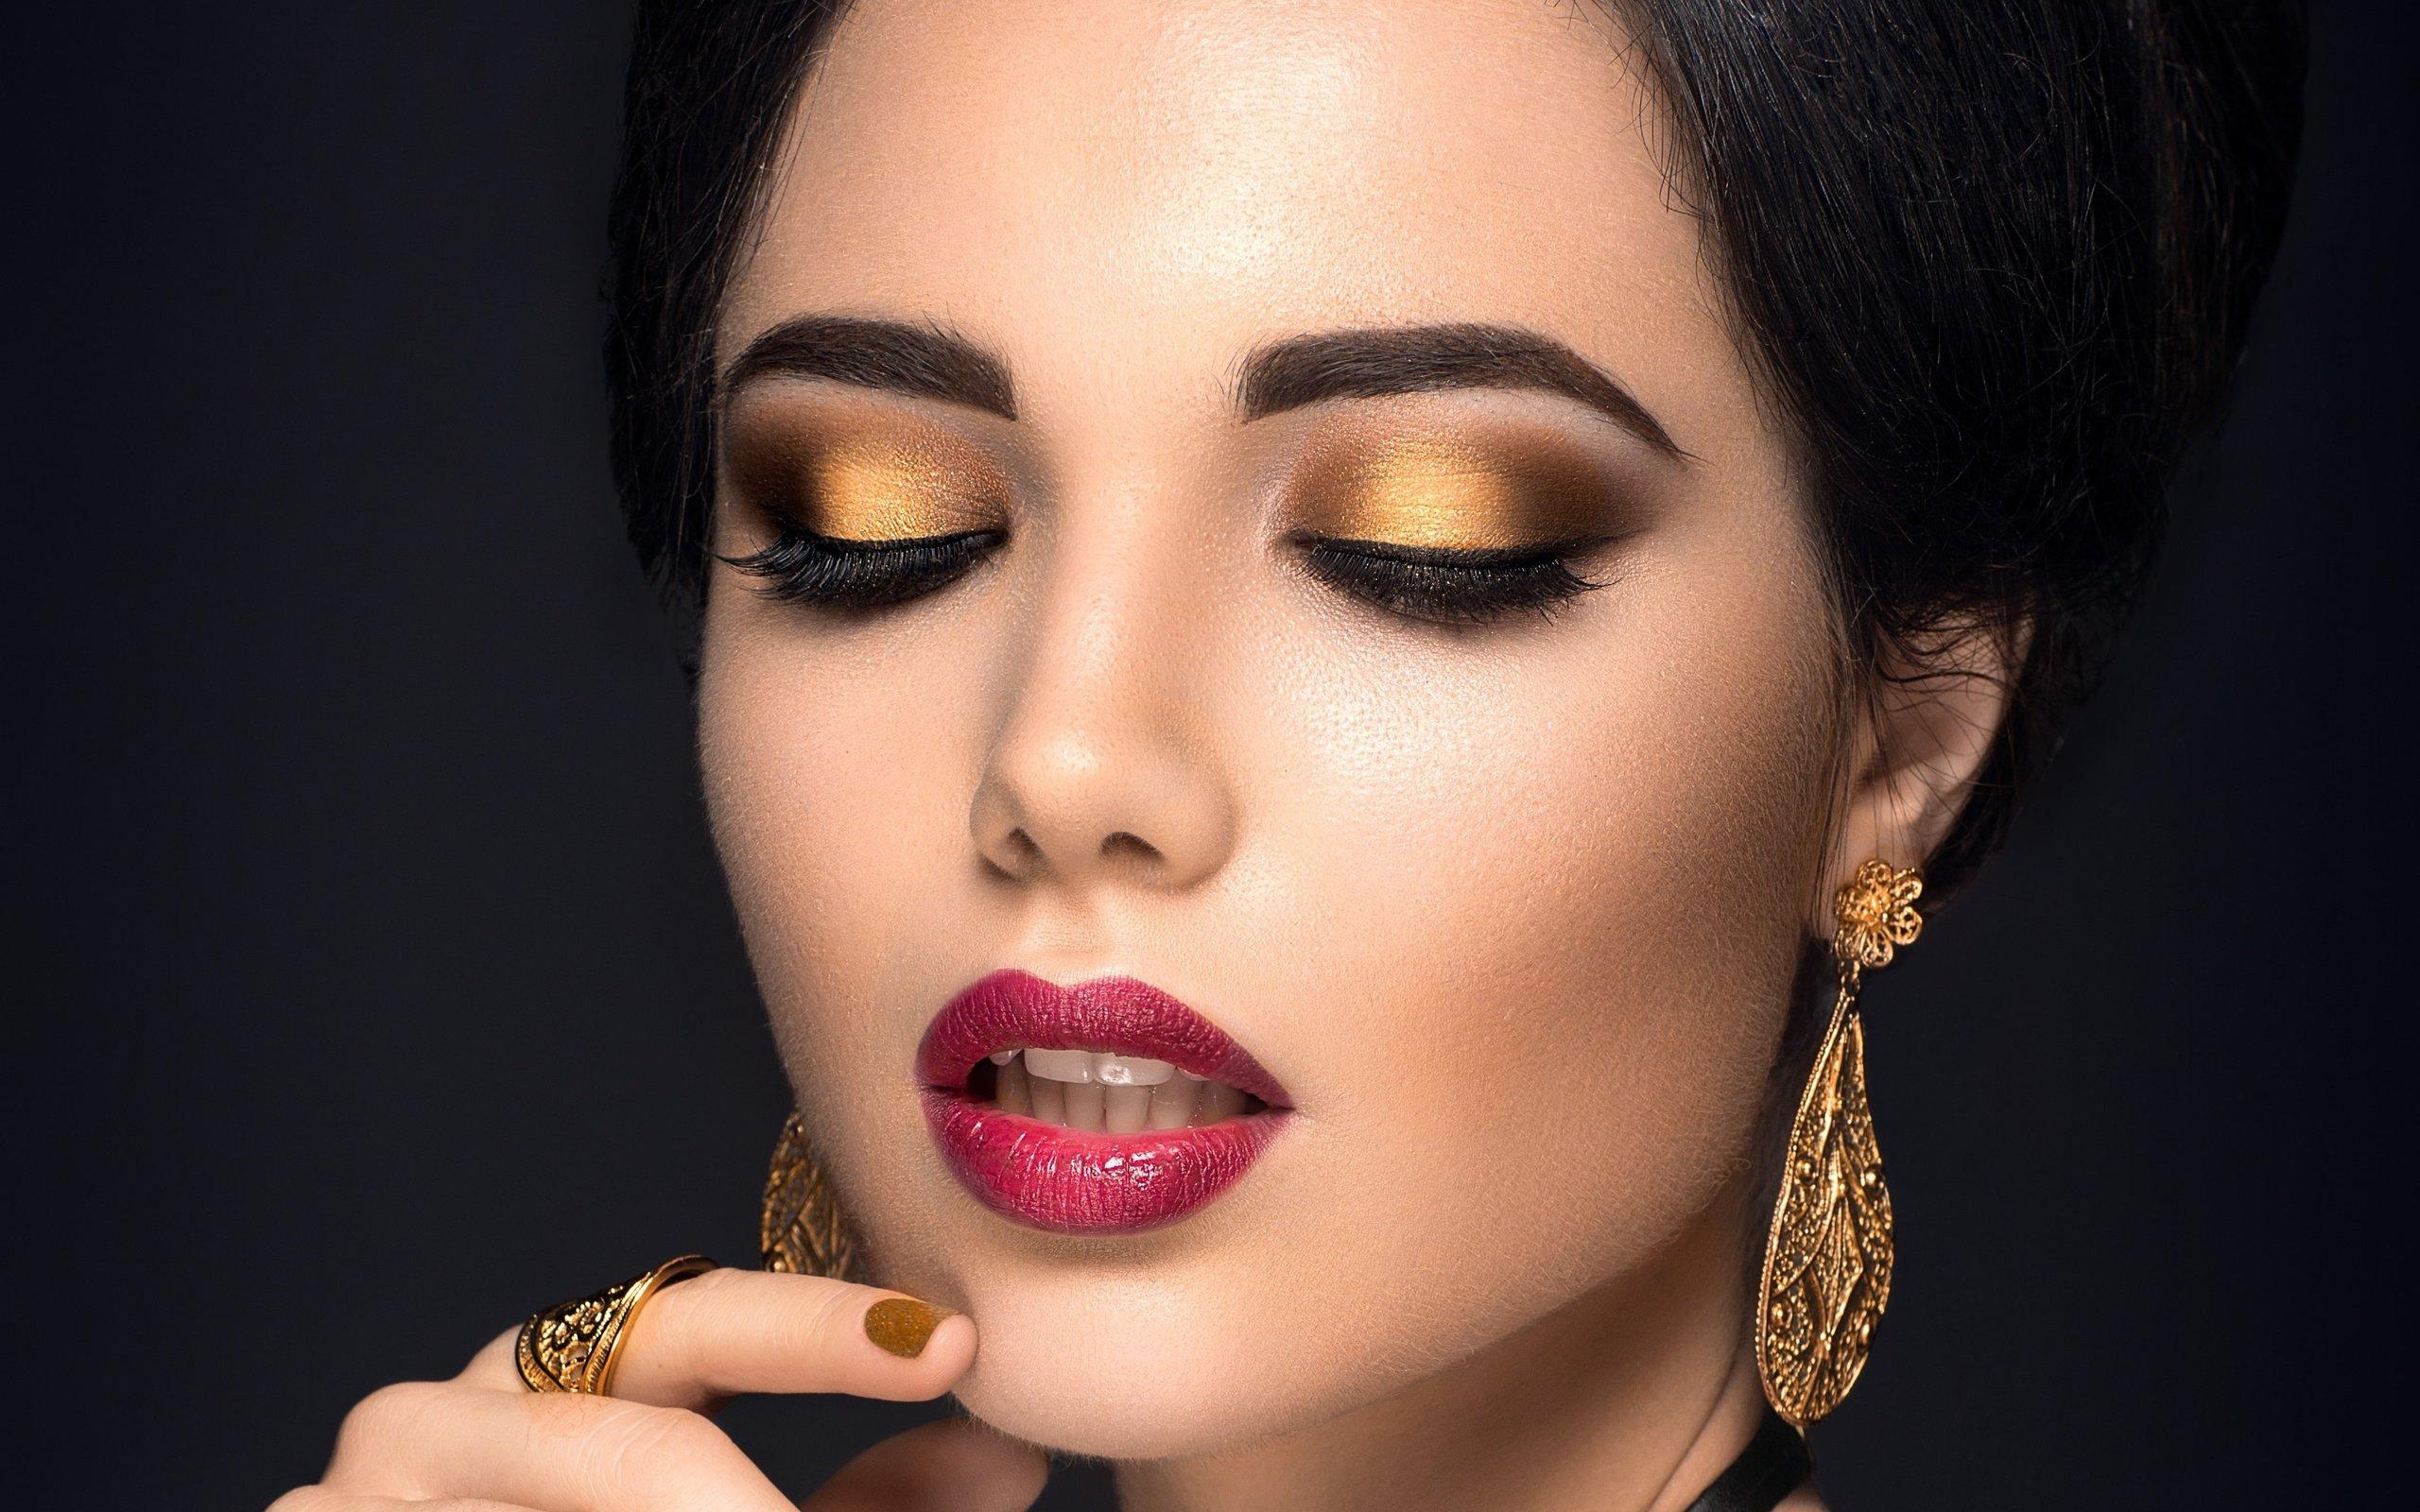 Glamour girl lashes — photo 4